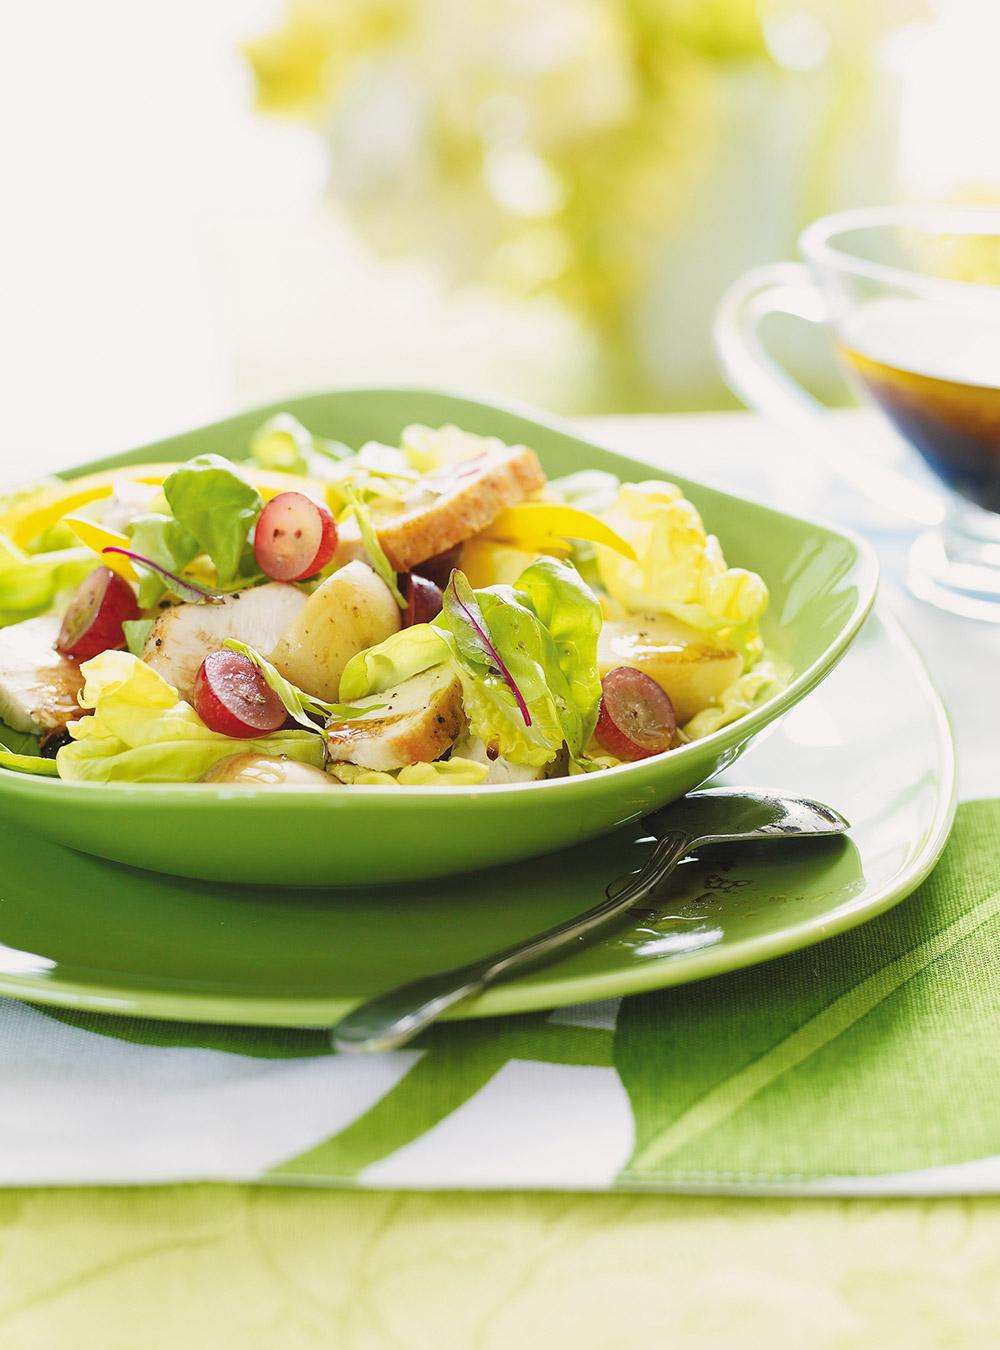 Salade de poulet, de pommes de terre et de raisins | ricardo